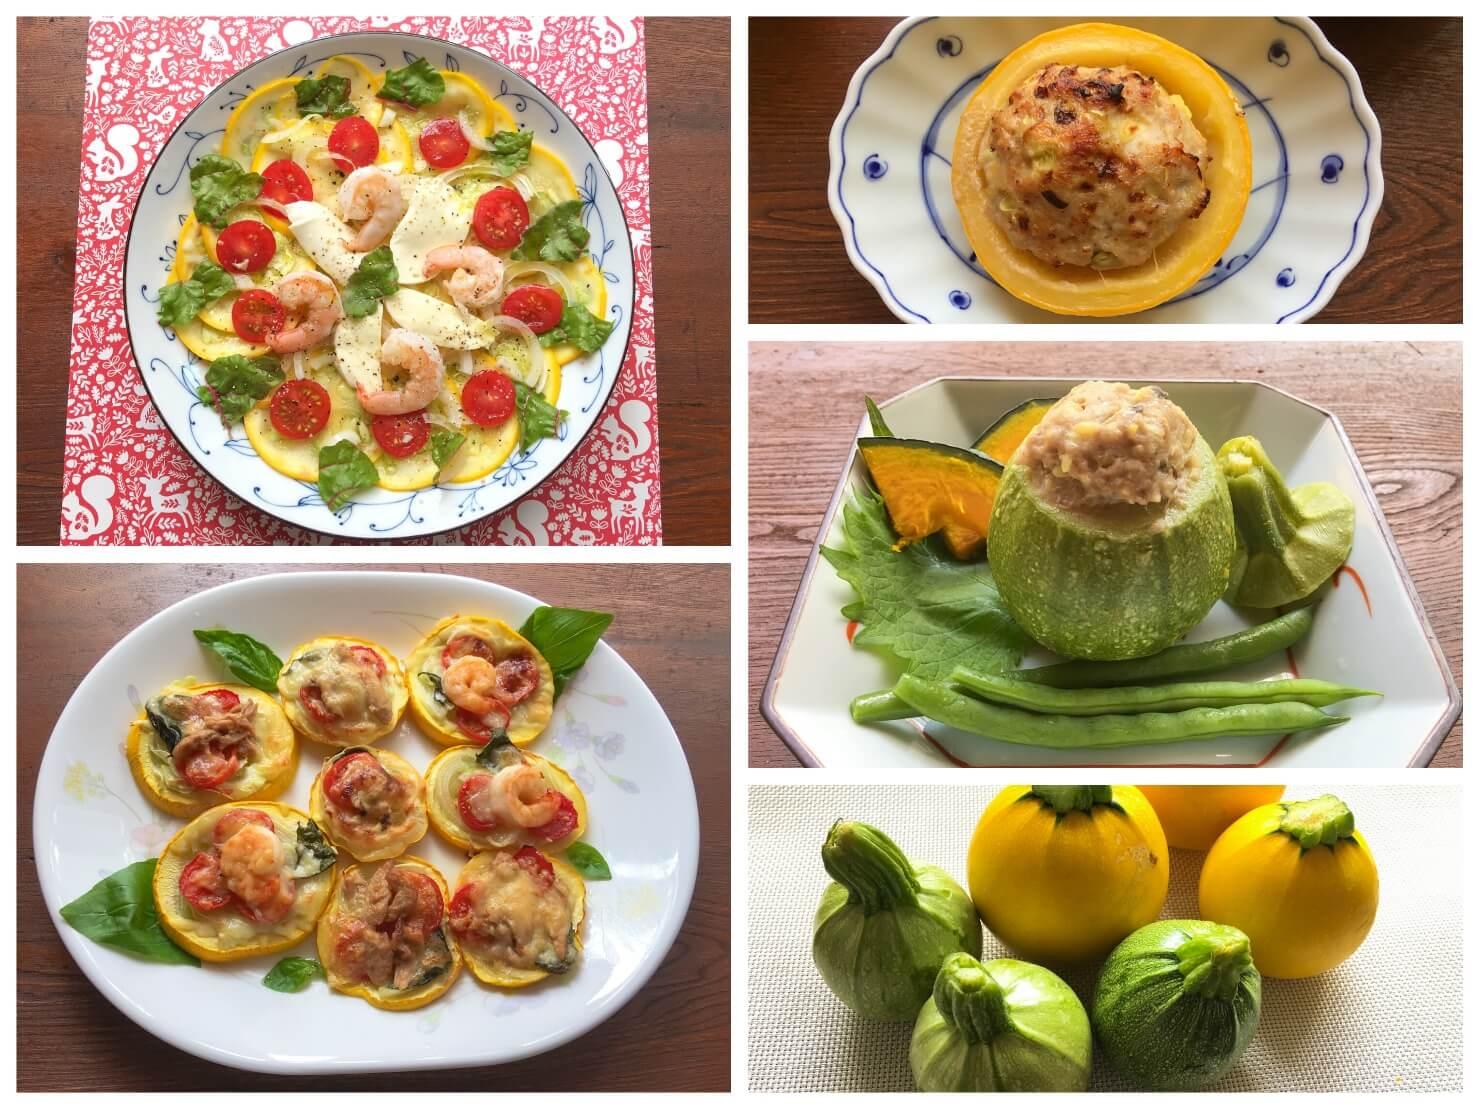 丸いズッキーニと丸いズッキーニで作った料理の写真